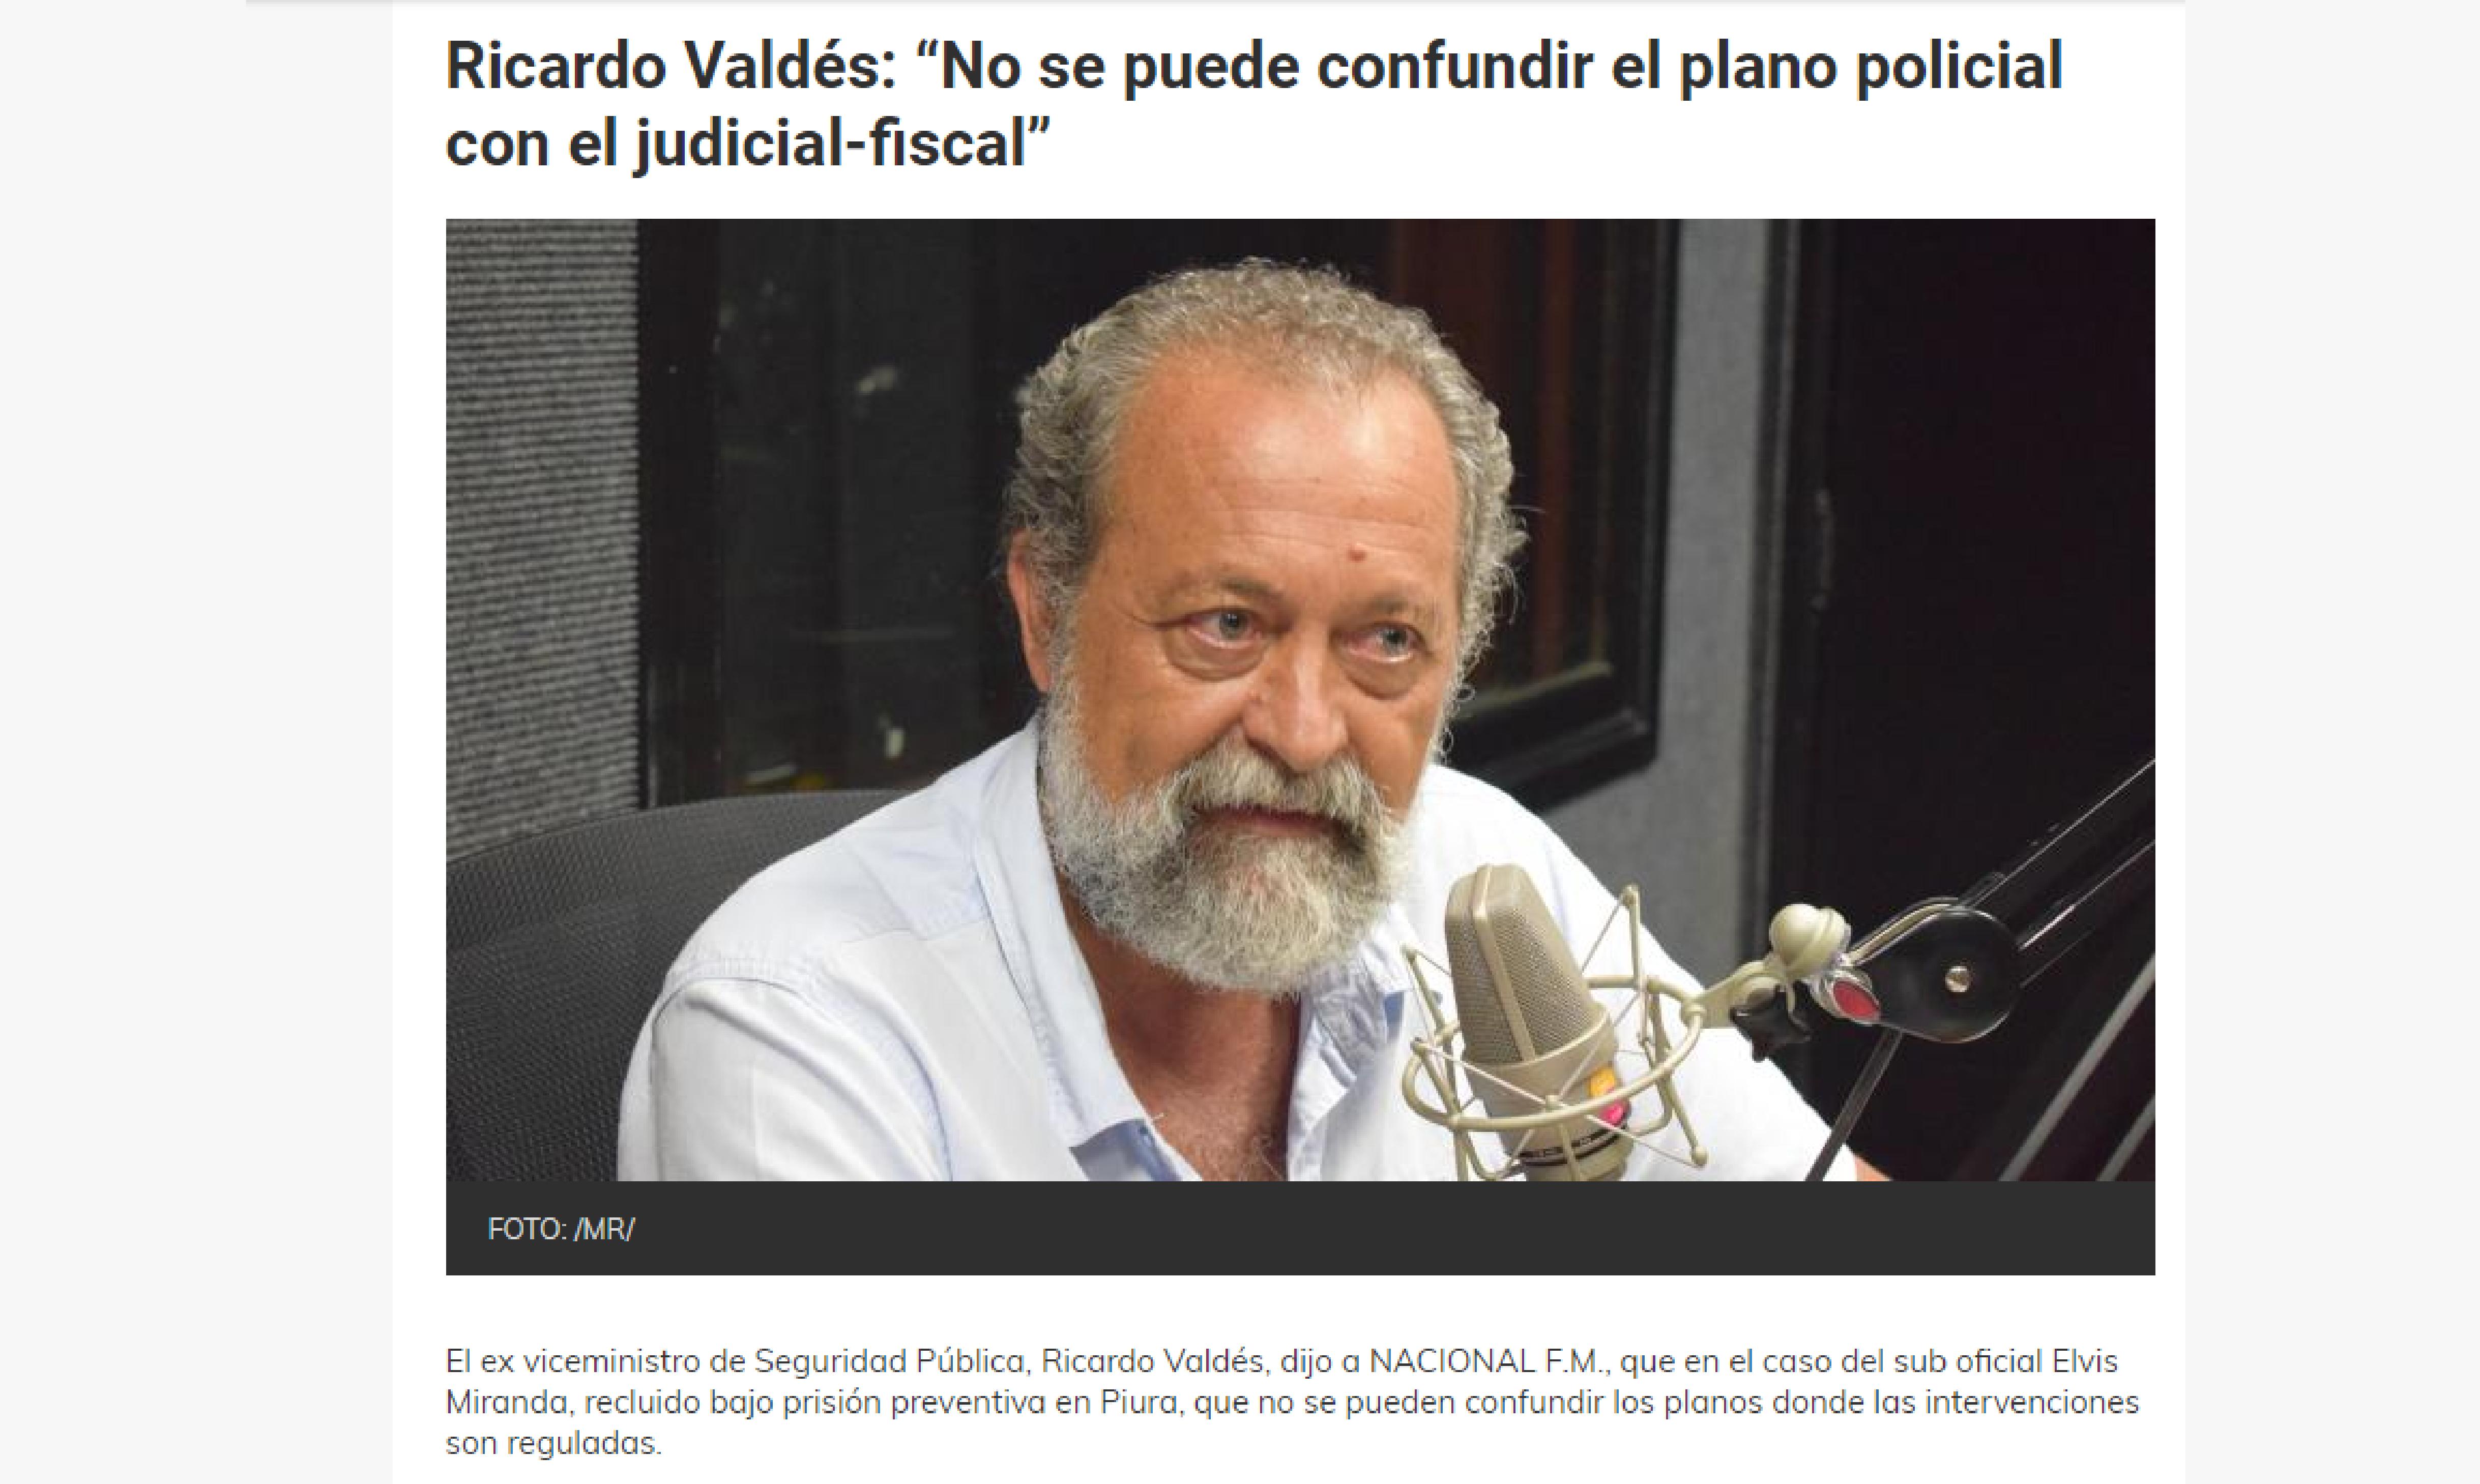 """Ricardo Valdés: """"No se puede confundir el plano policial con el judicial-fiscal"""""""